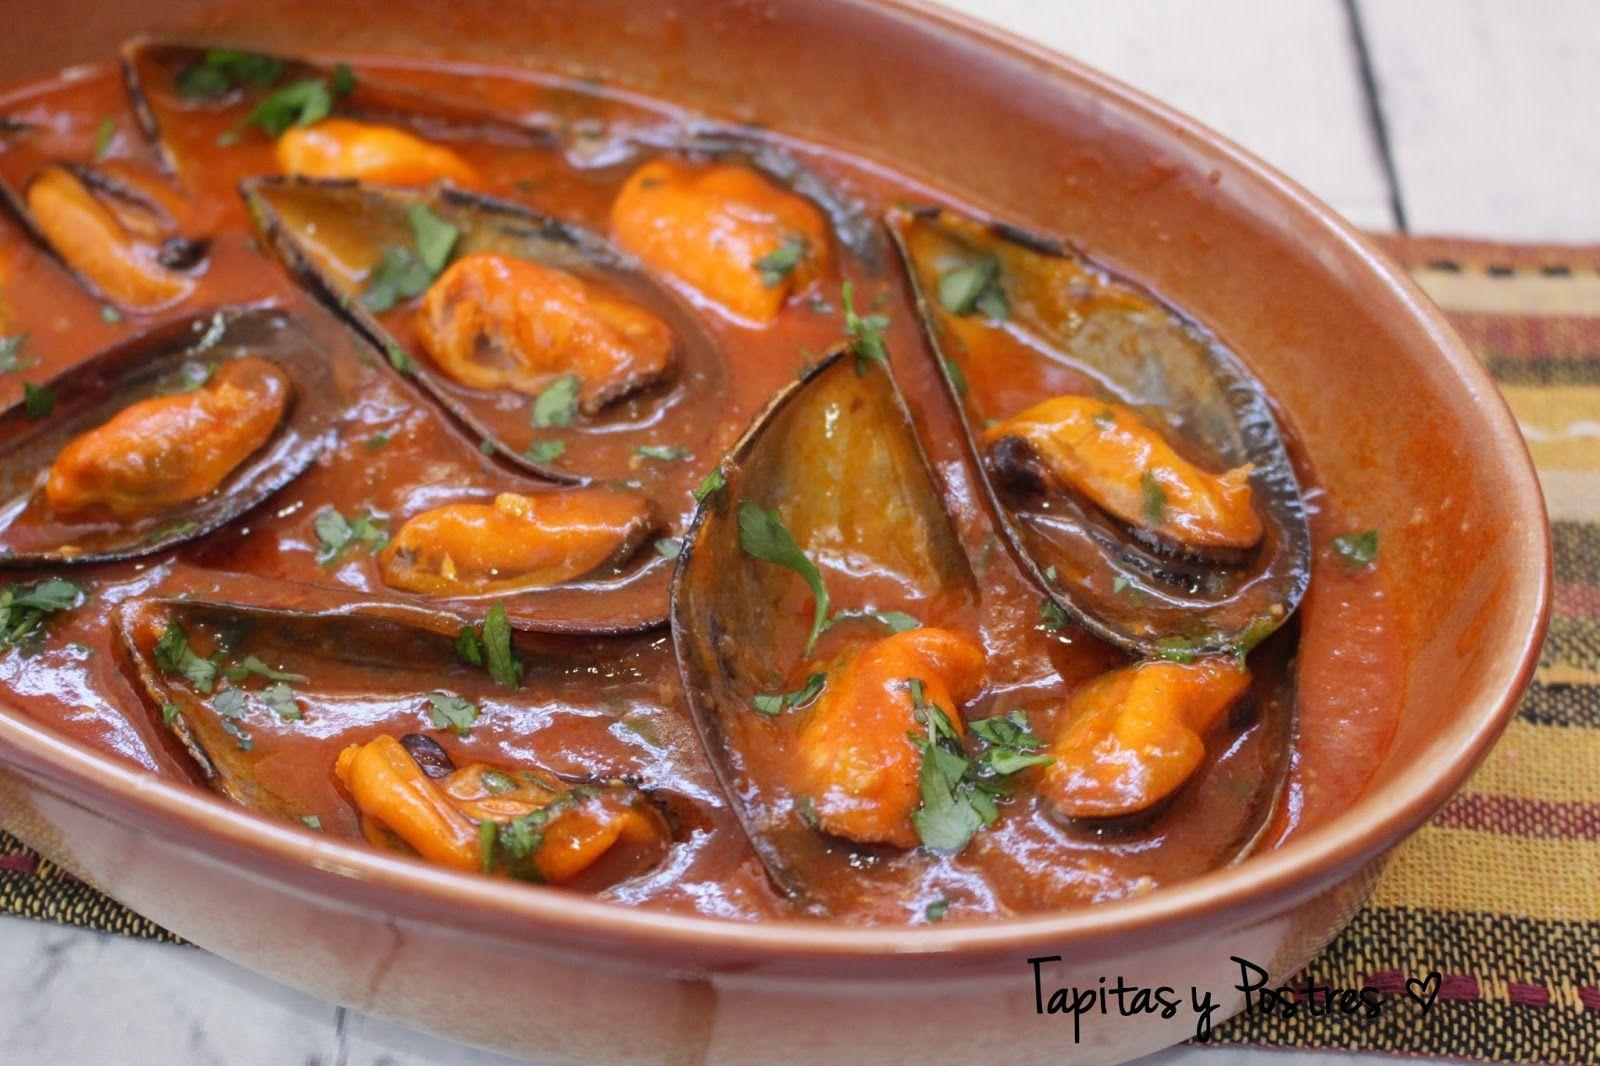 Cocinar Mejillones En Salsa   Como Cocinar Mejillones En Salsa Picante Fish Food And Recipes